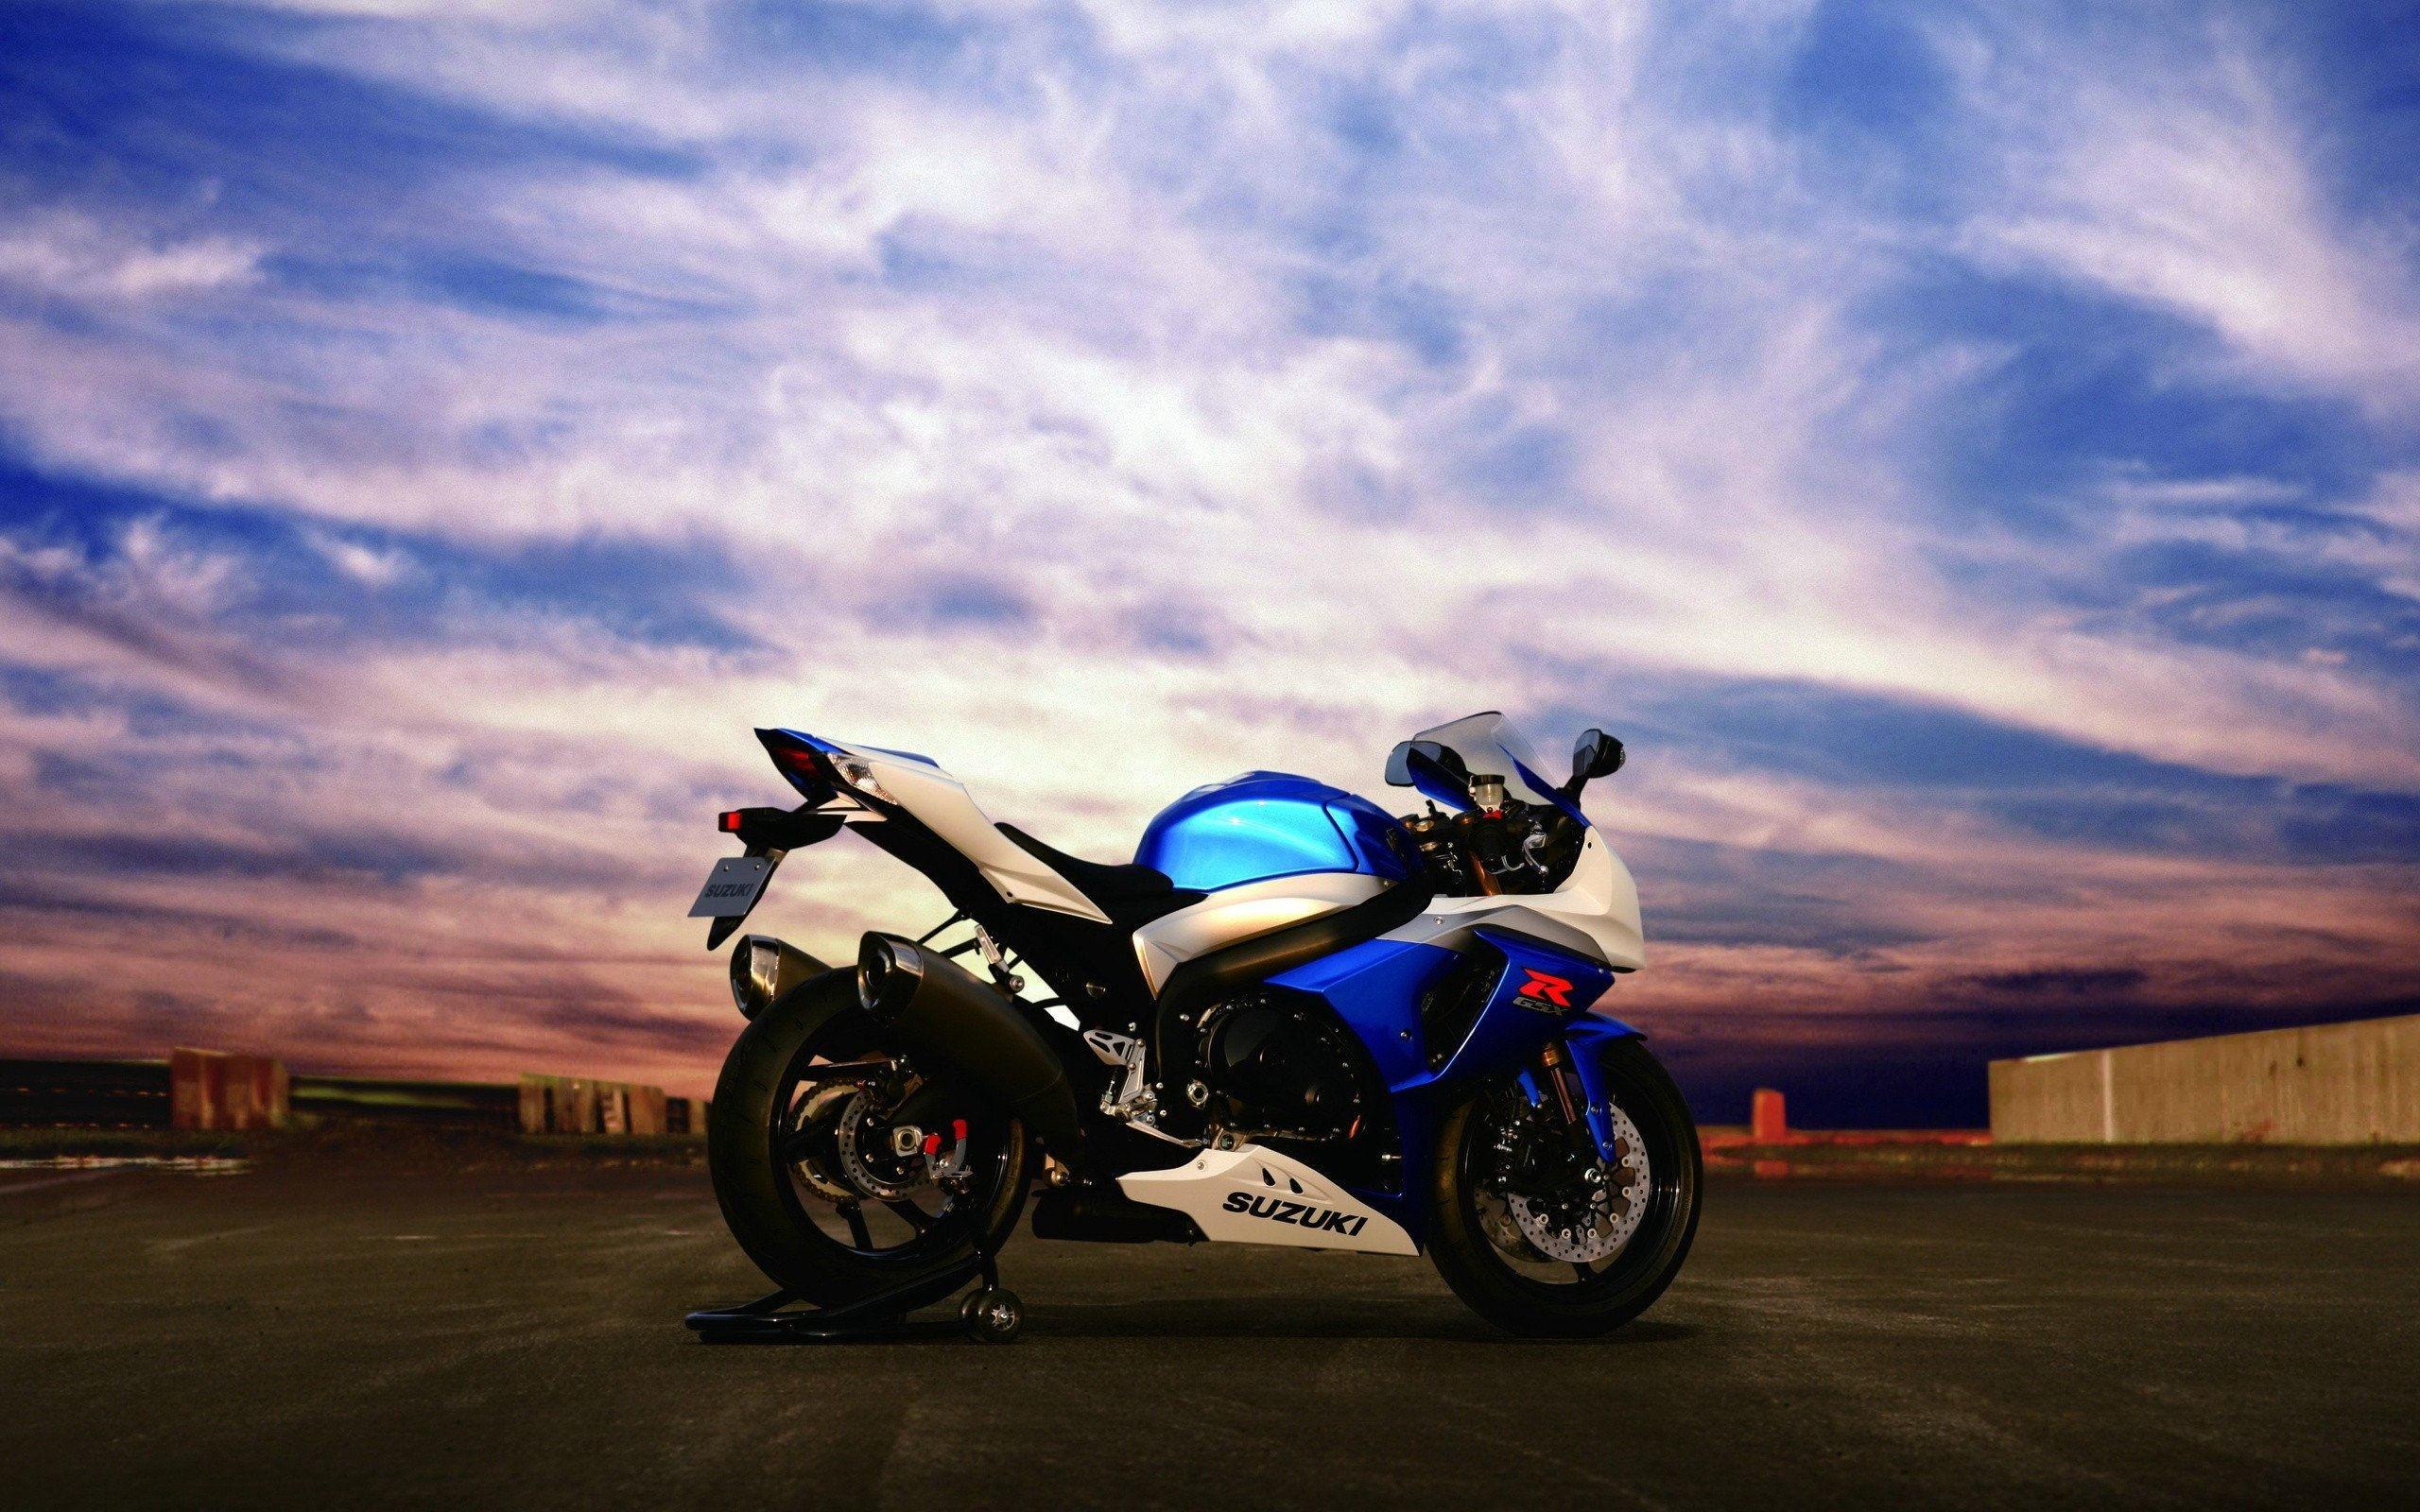 スズキgsx R 1000 K9 Hdバイク壁紙窓7 2560x1600 Wallpapertip